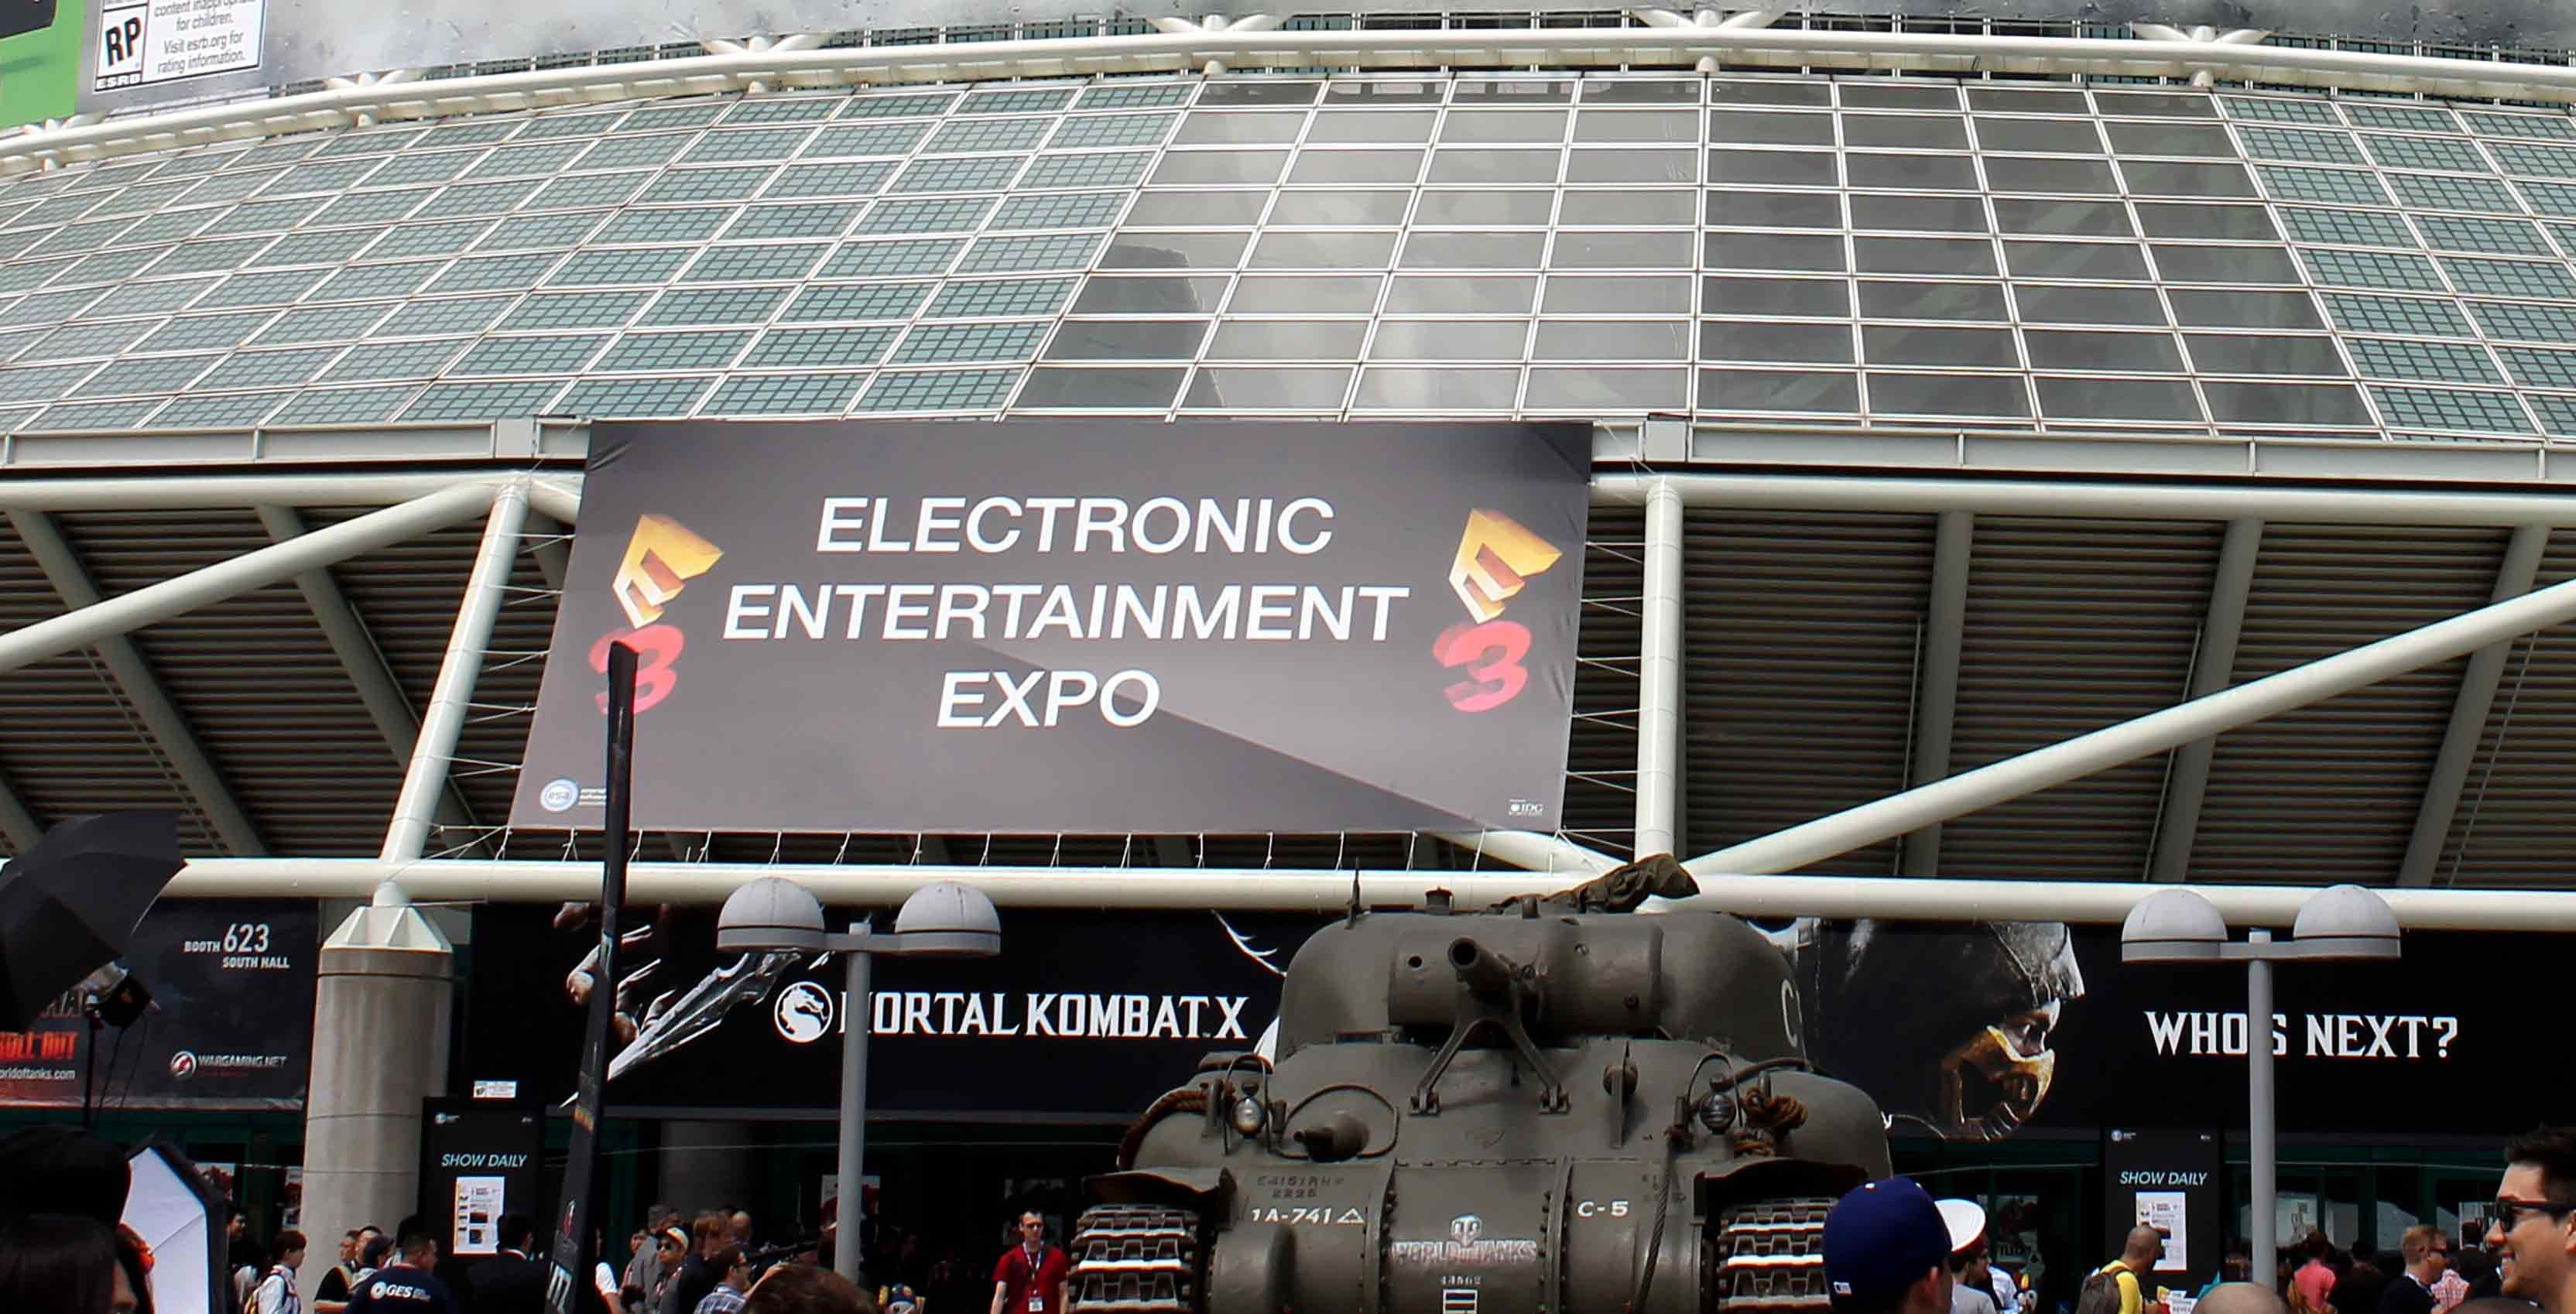 E3 LA convention center